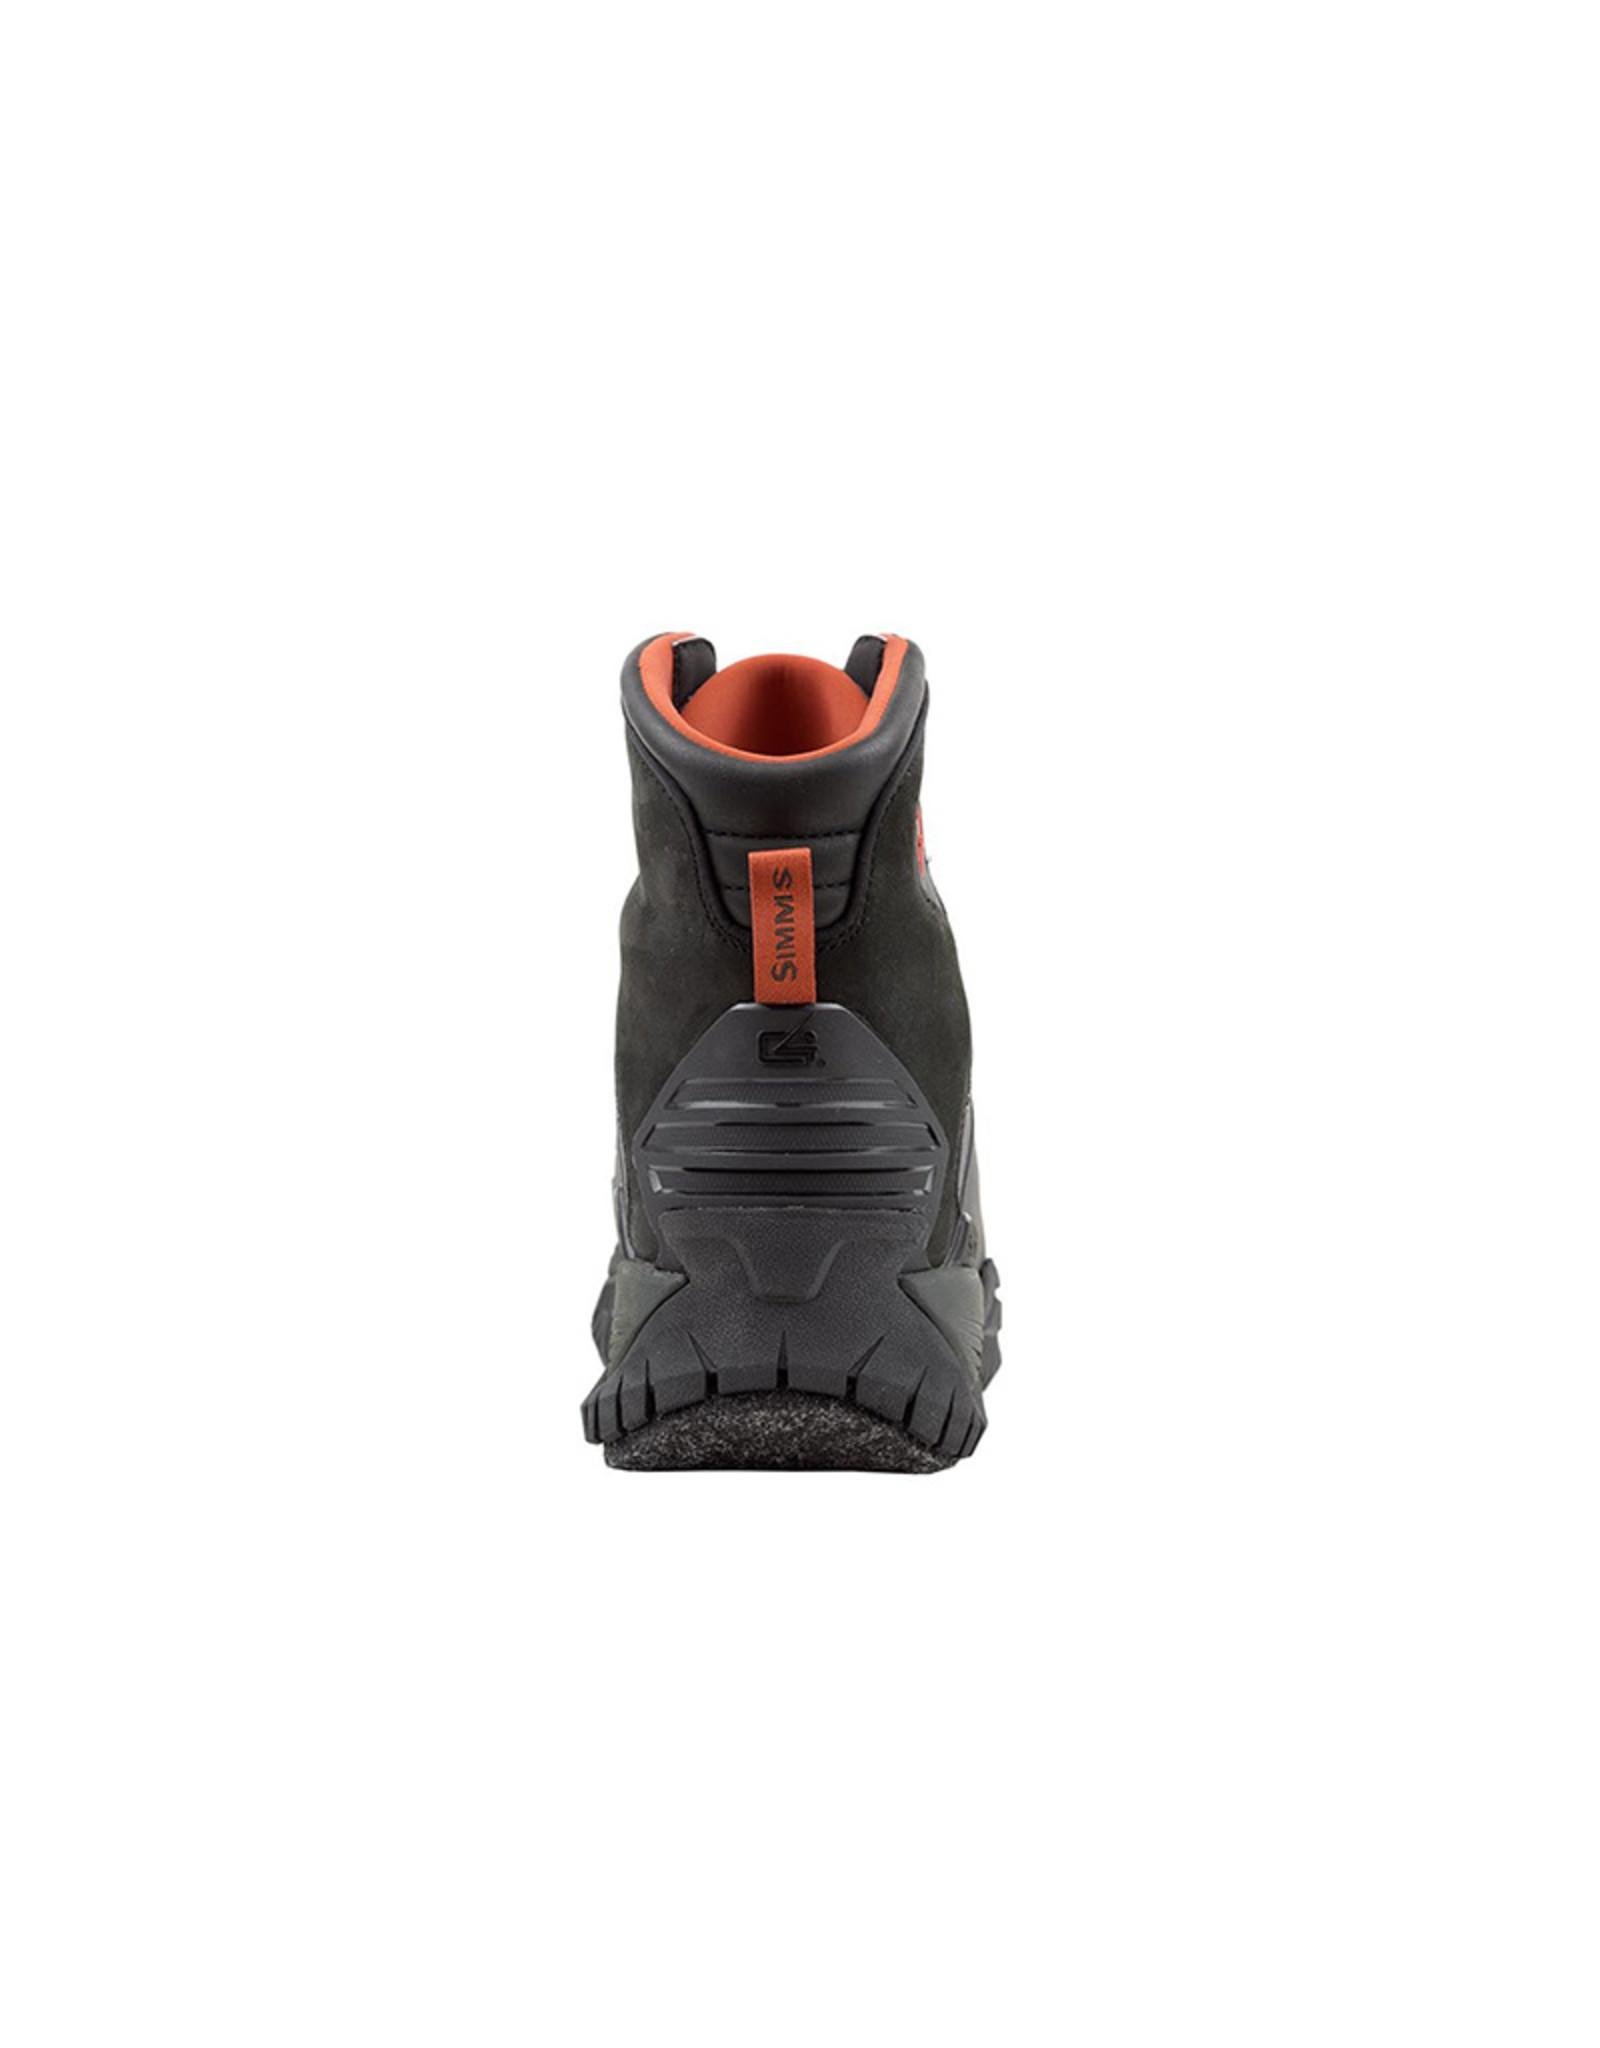 Simms G4 Pro Boot: Felt